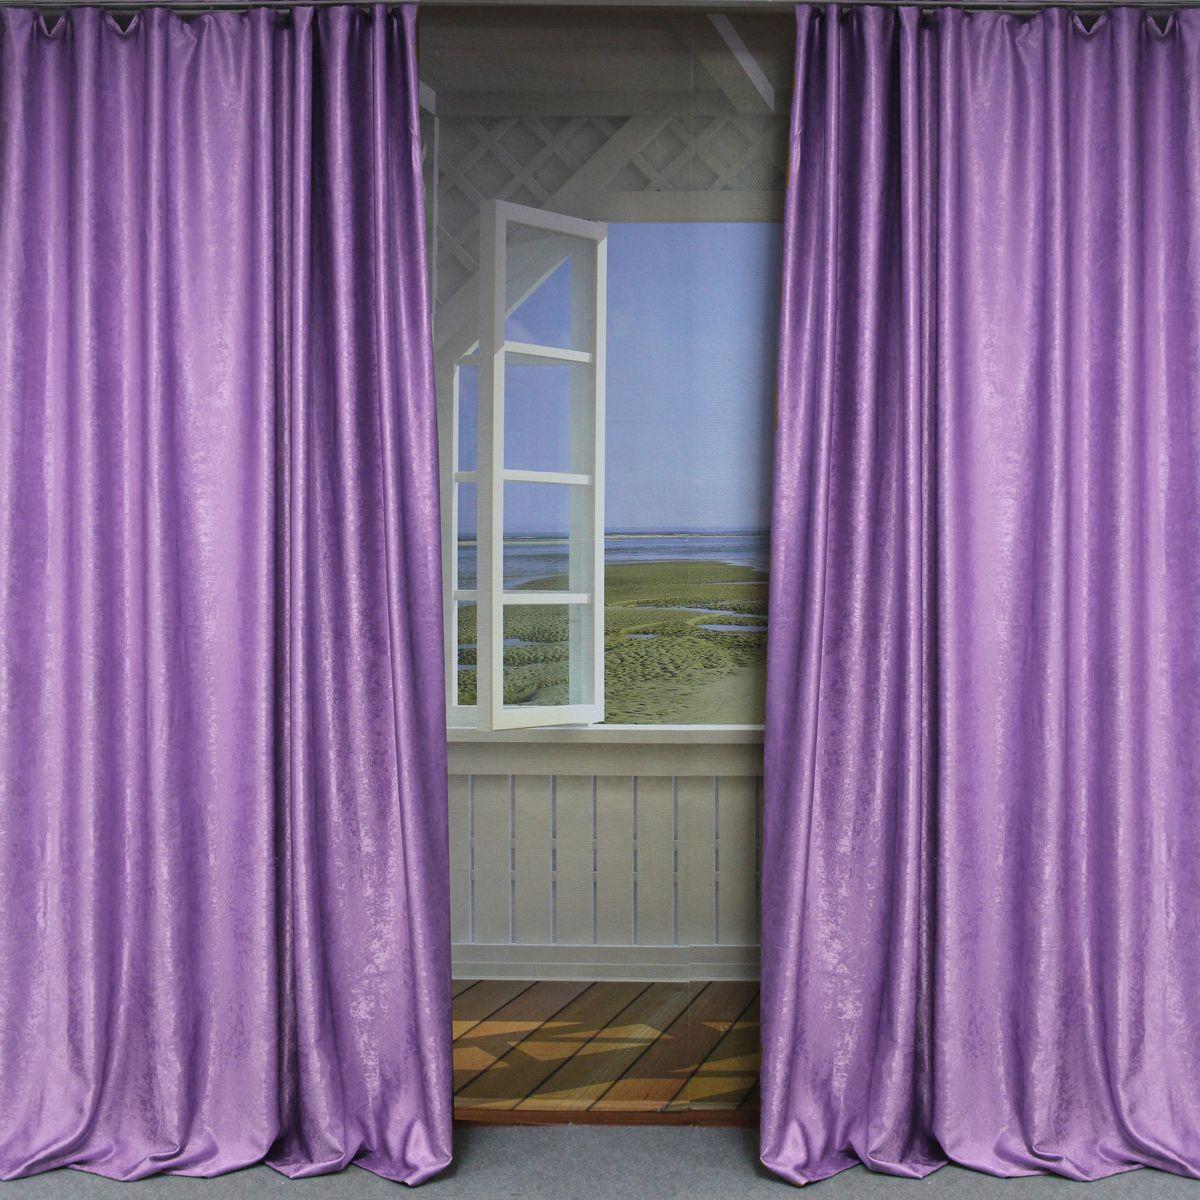 Комплект штор Amore Mio, цвет: сиреневый, высота 270 см. RR 8156-6029